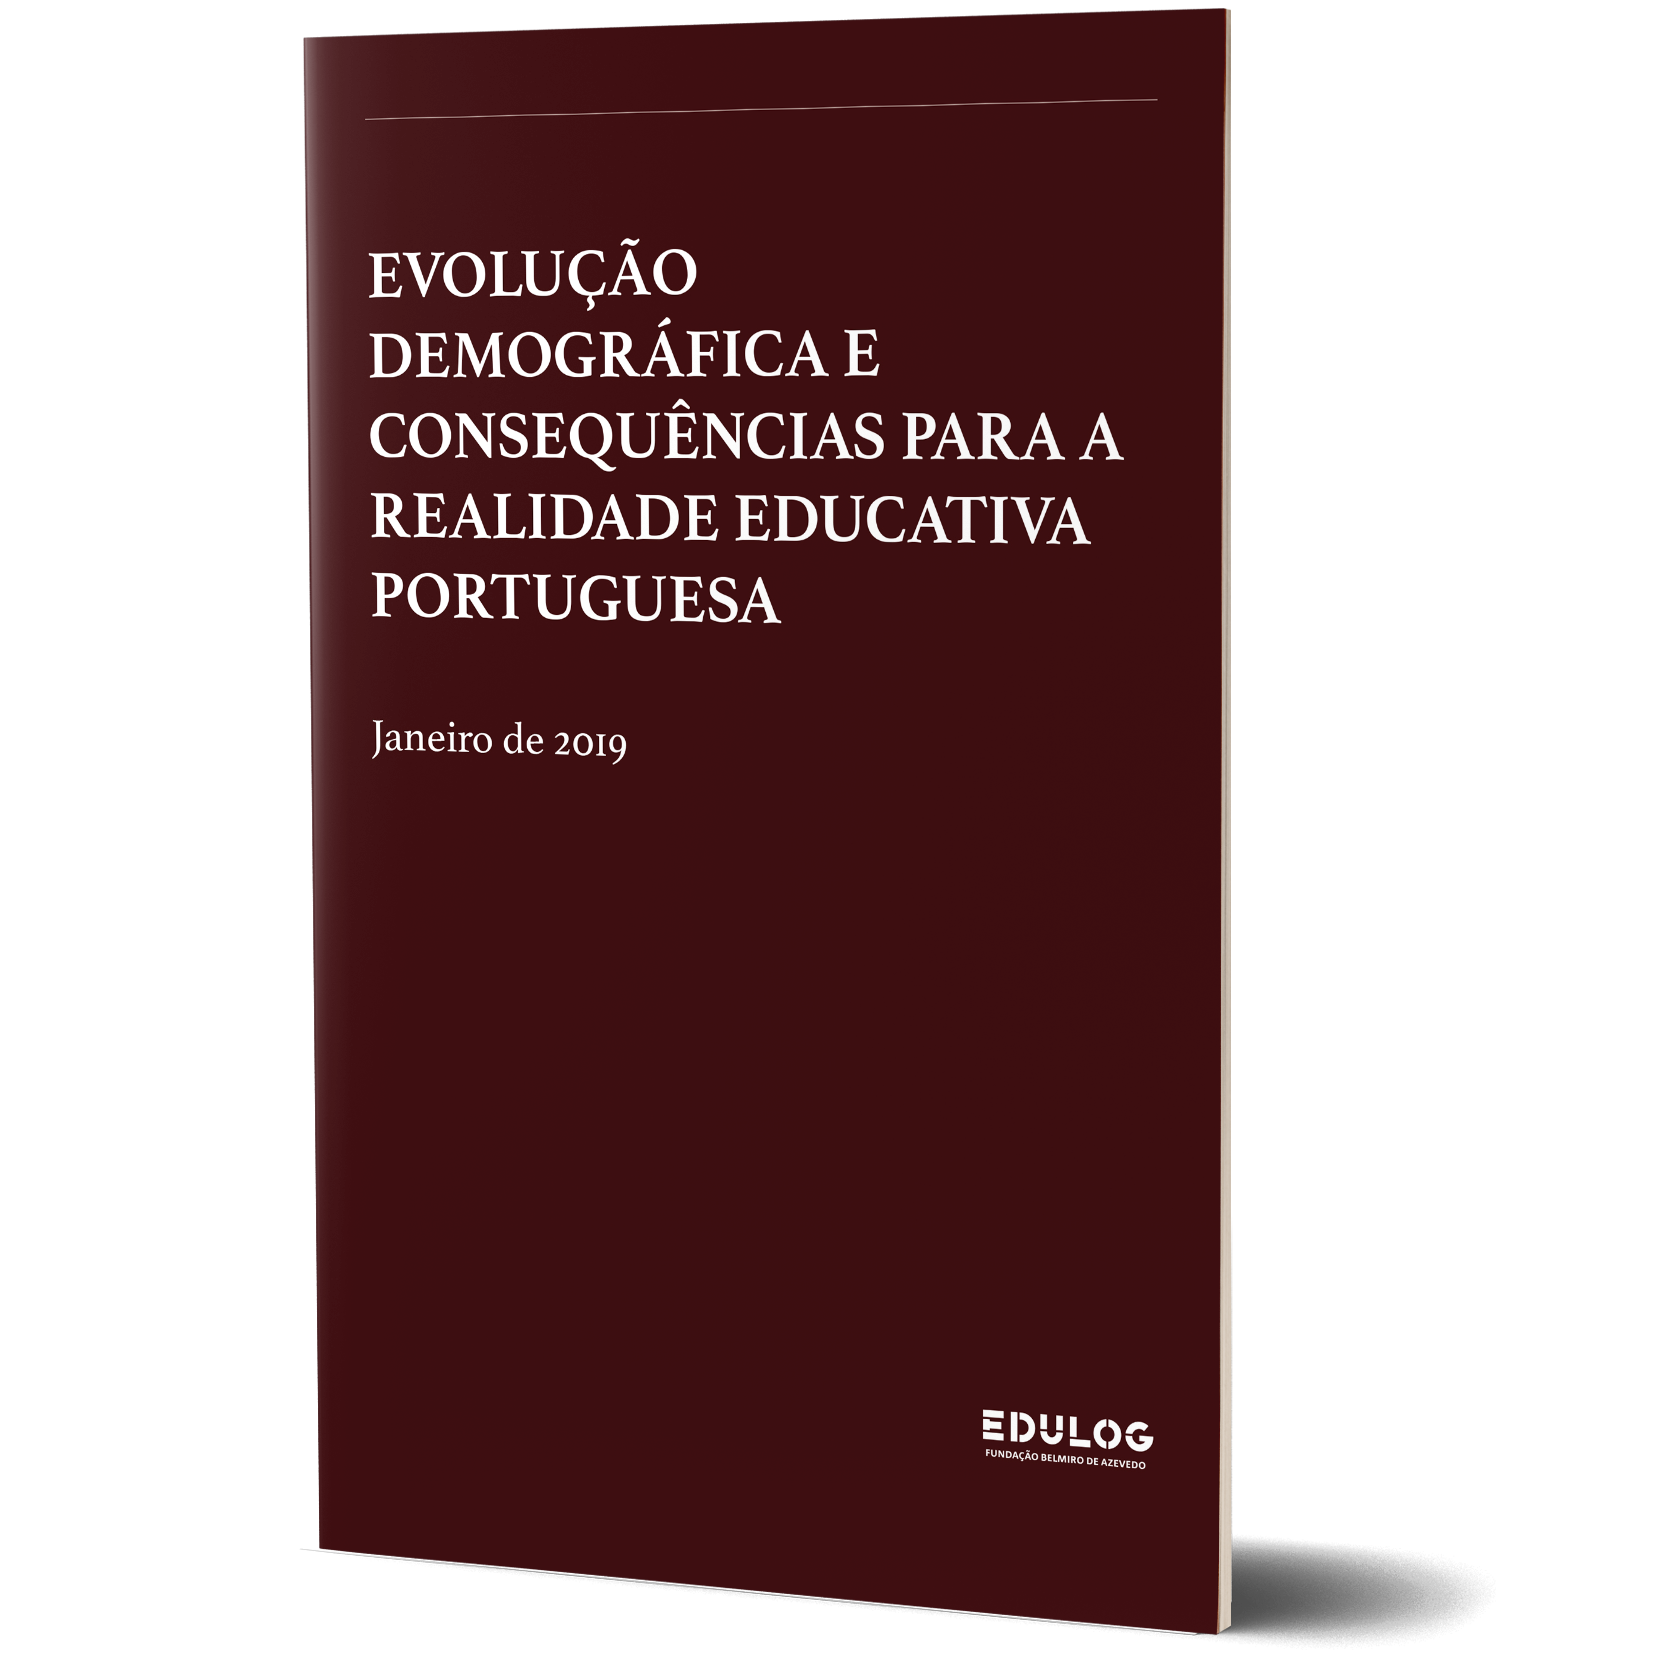 Evolução demográfica e consequências para a realidade educativa portuguesa